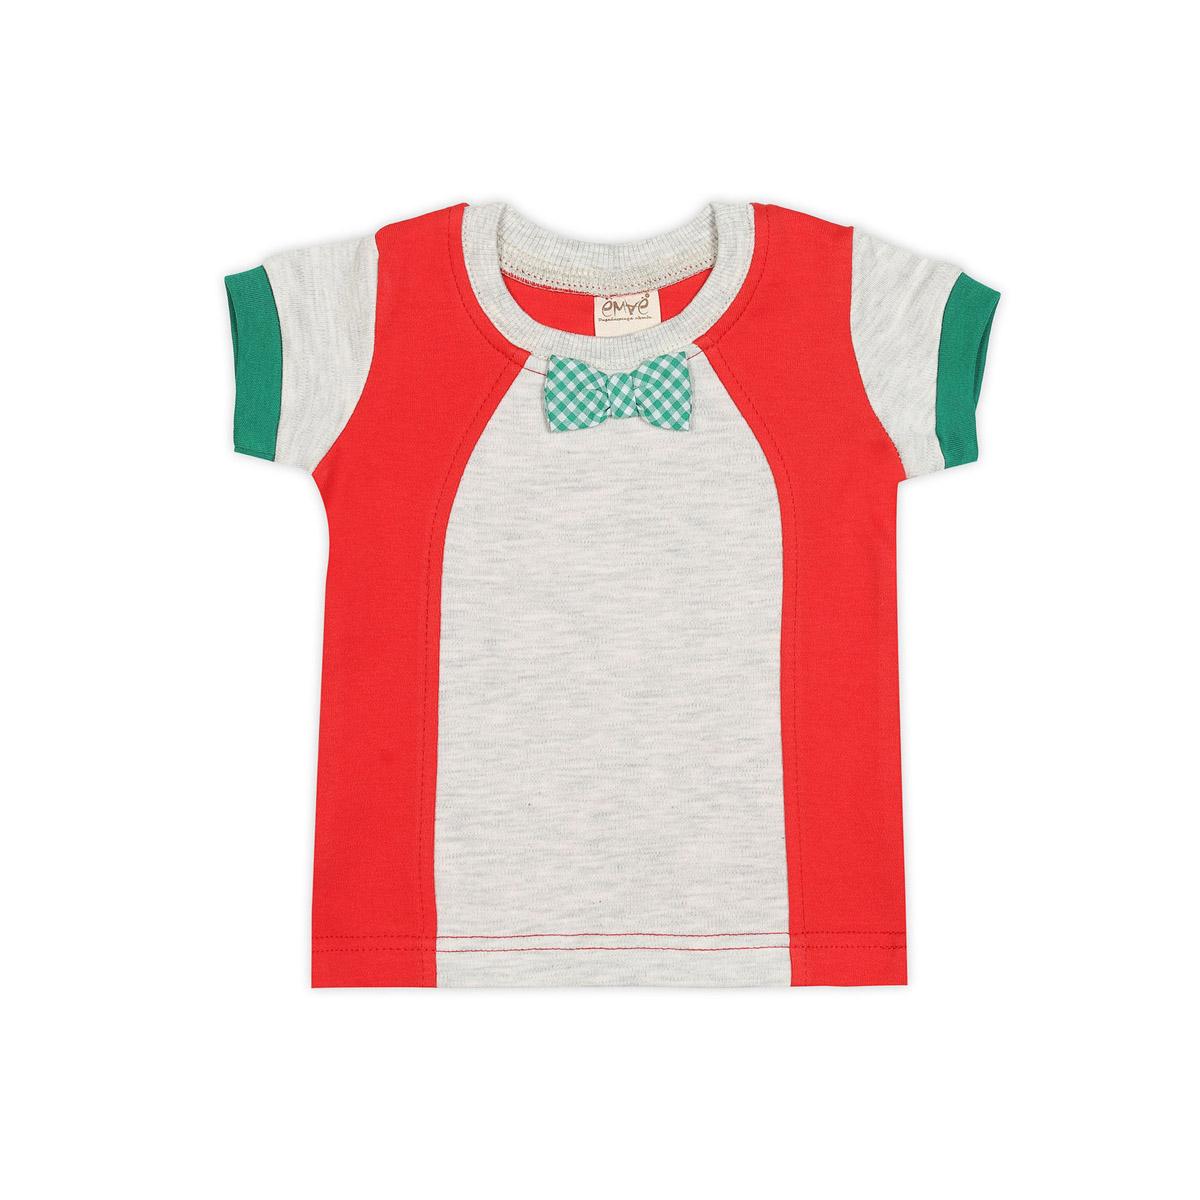 Футболка Ёмаё Хохлома (27-636) рост 62 светло серый меланж с красный<br>